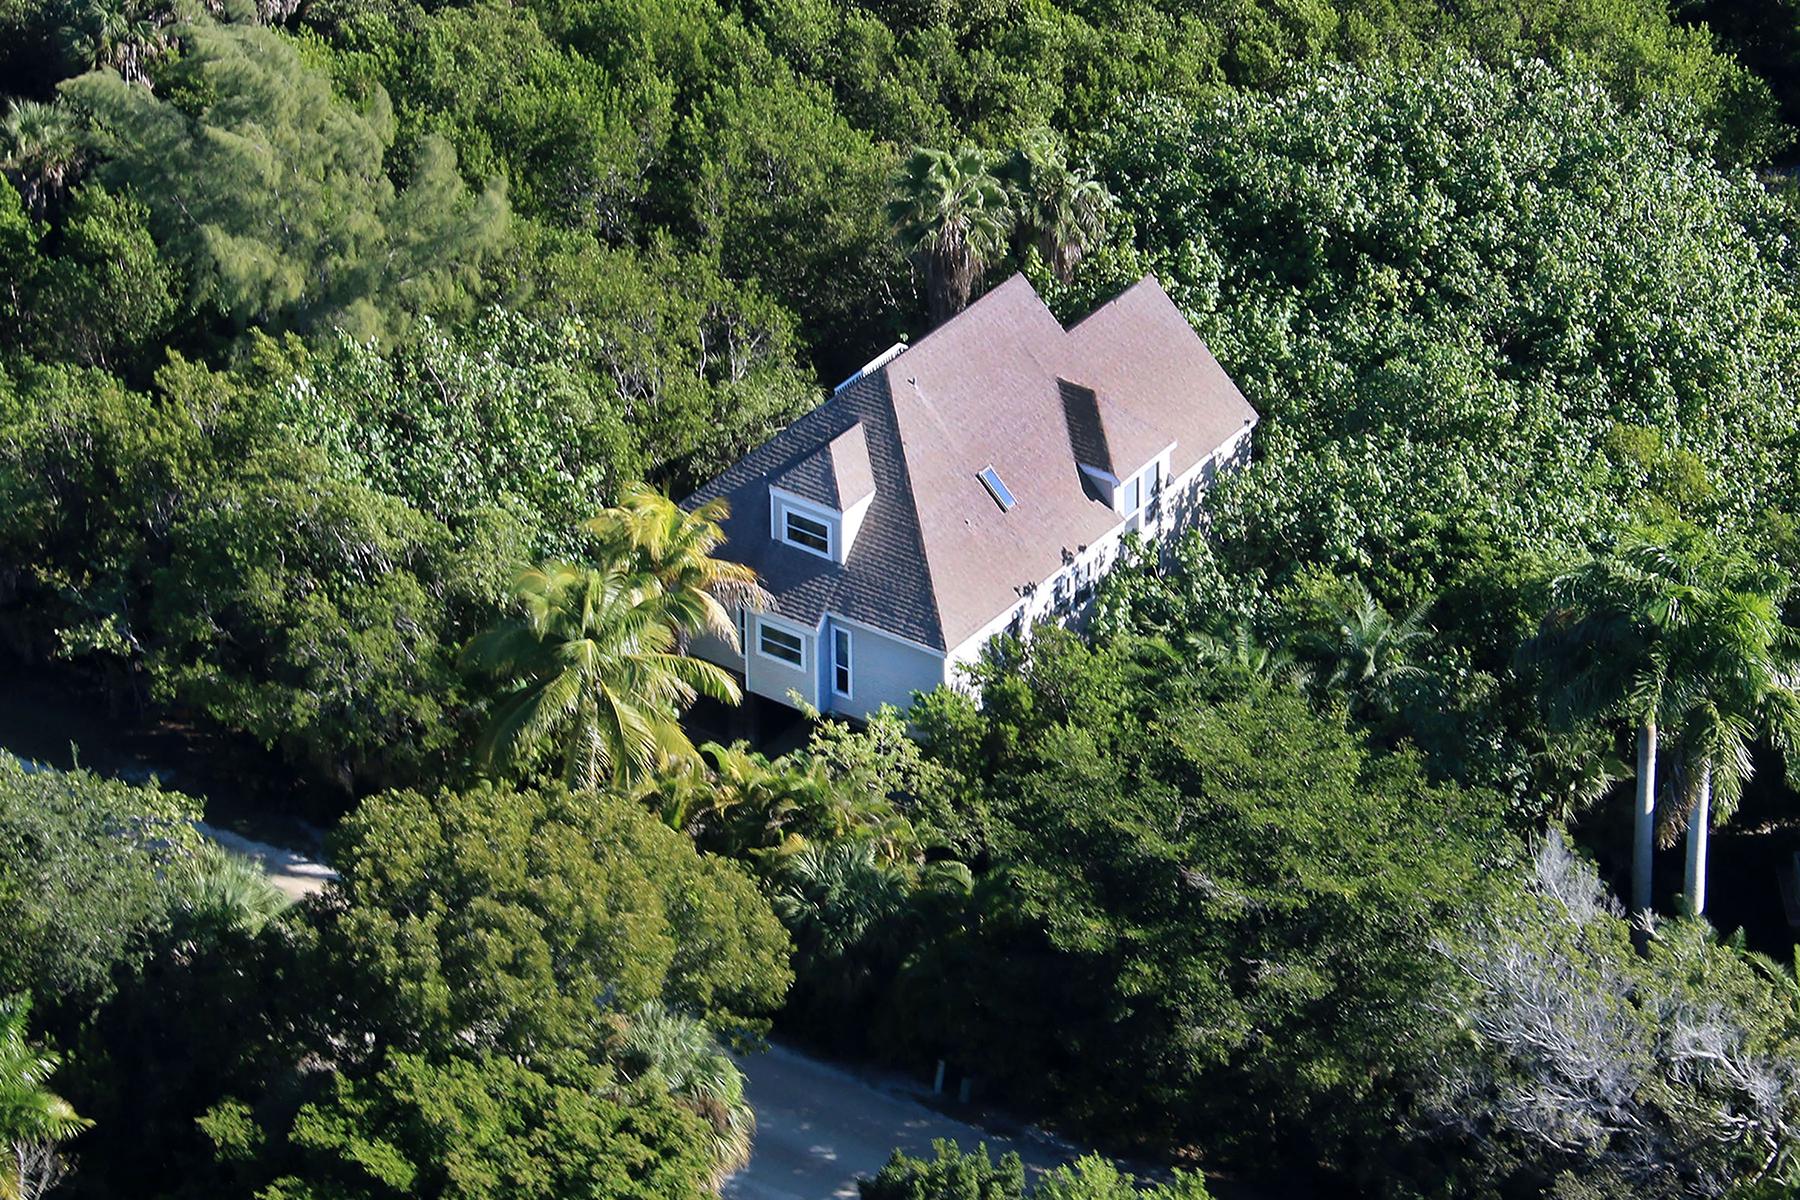 Maison unifamiliale pour l Vente à GULF PINES 4452 Gulf Pines Dr, Sanibel, Florida 33957 États-Unis